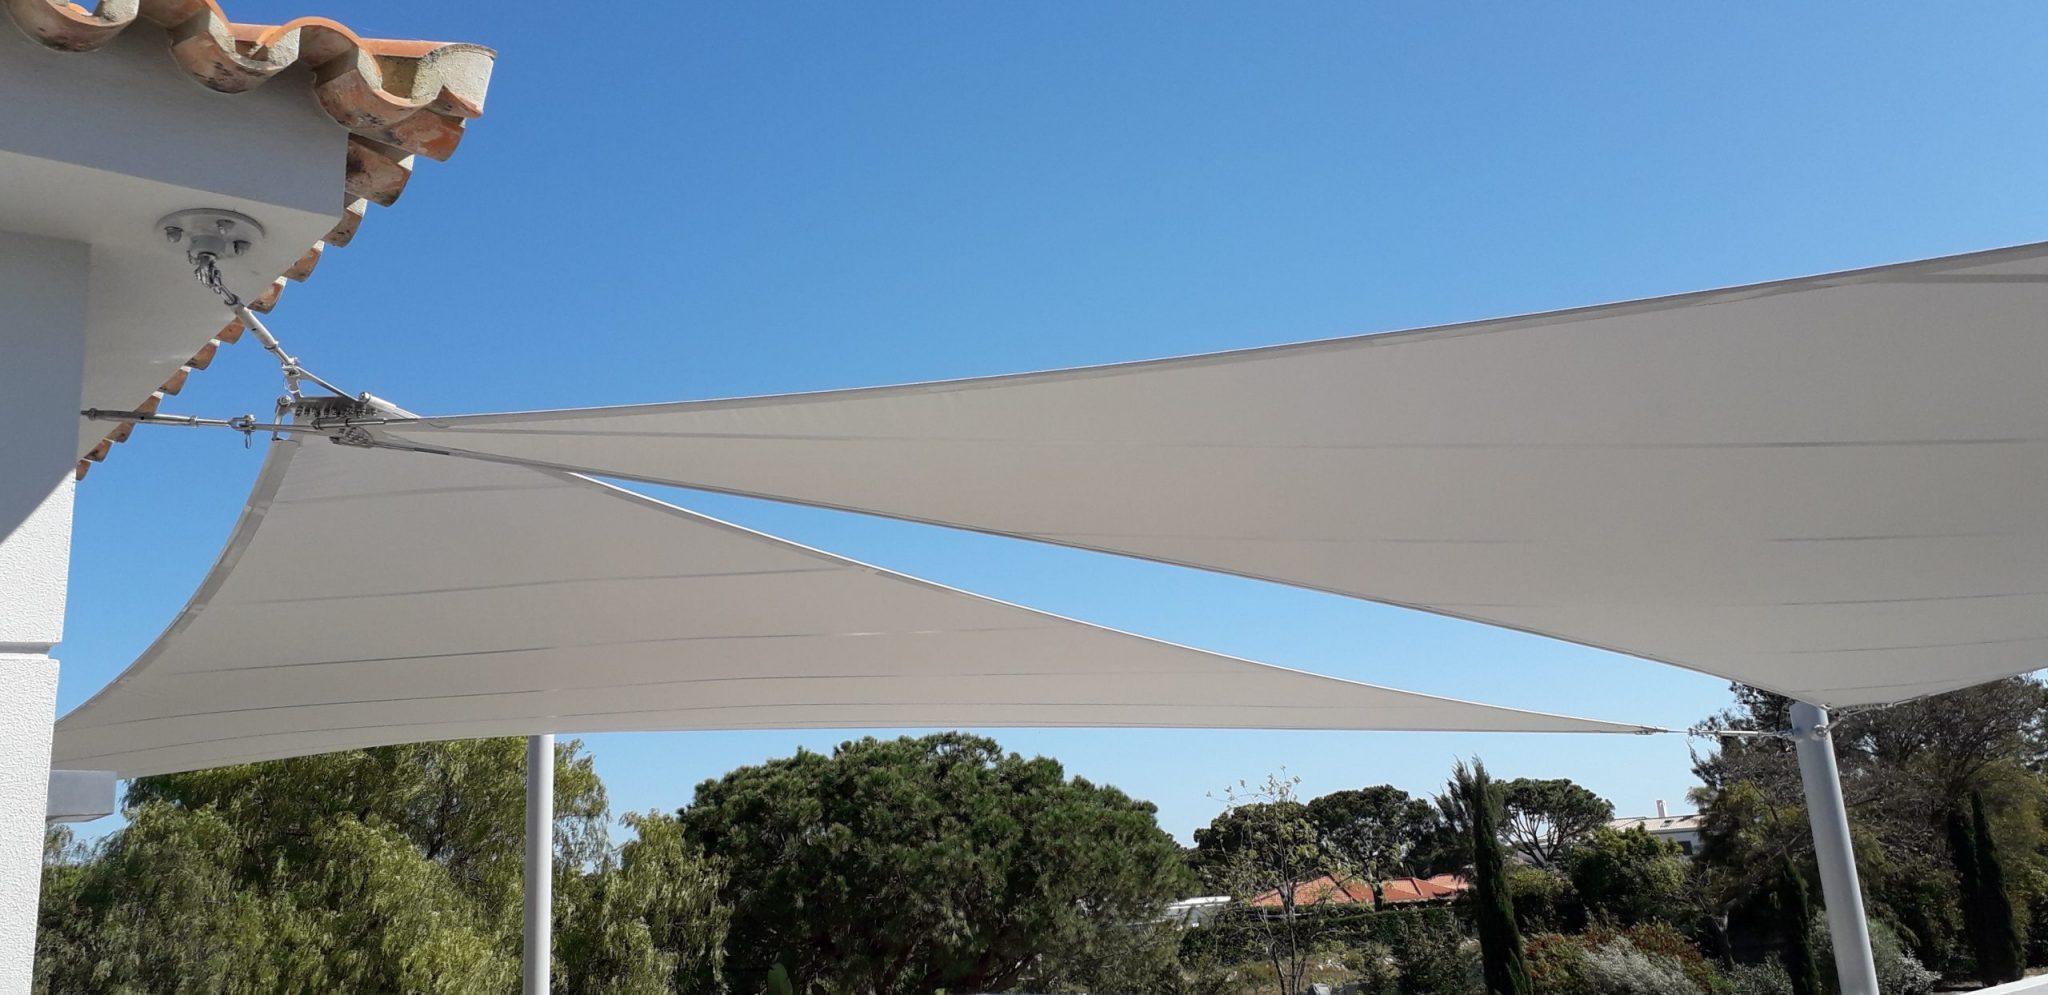 sails shade